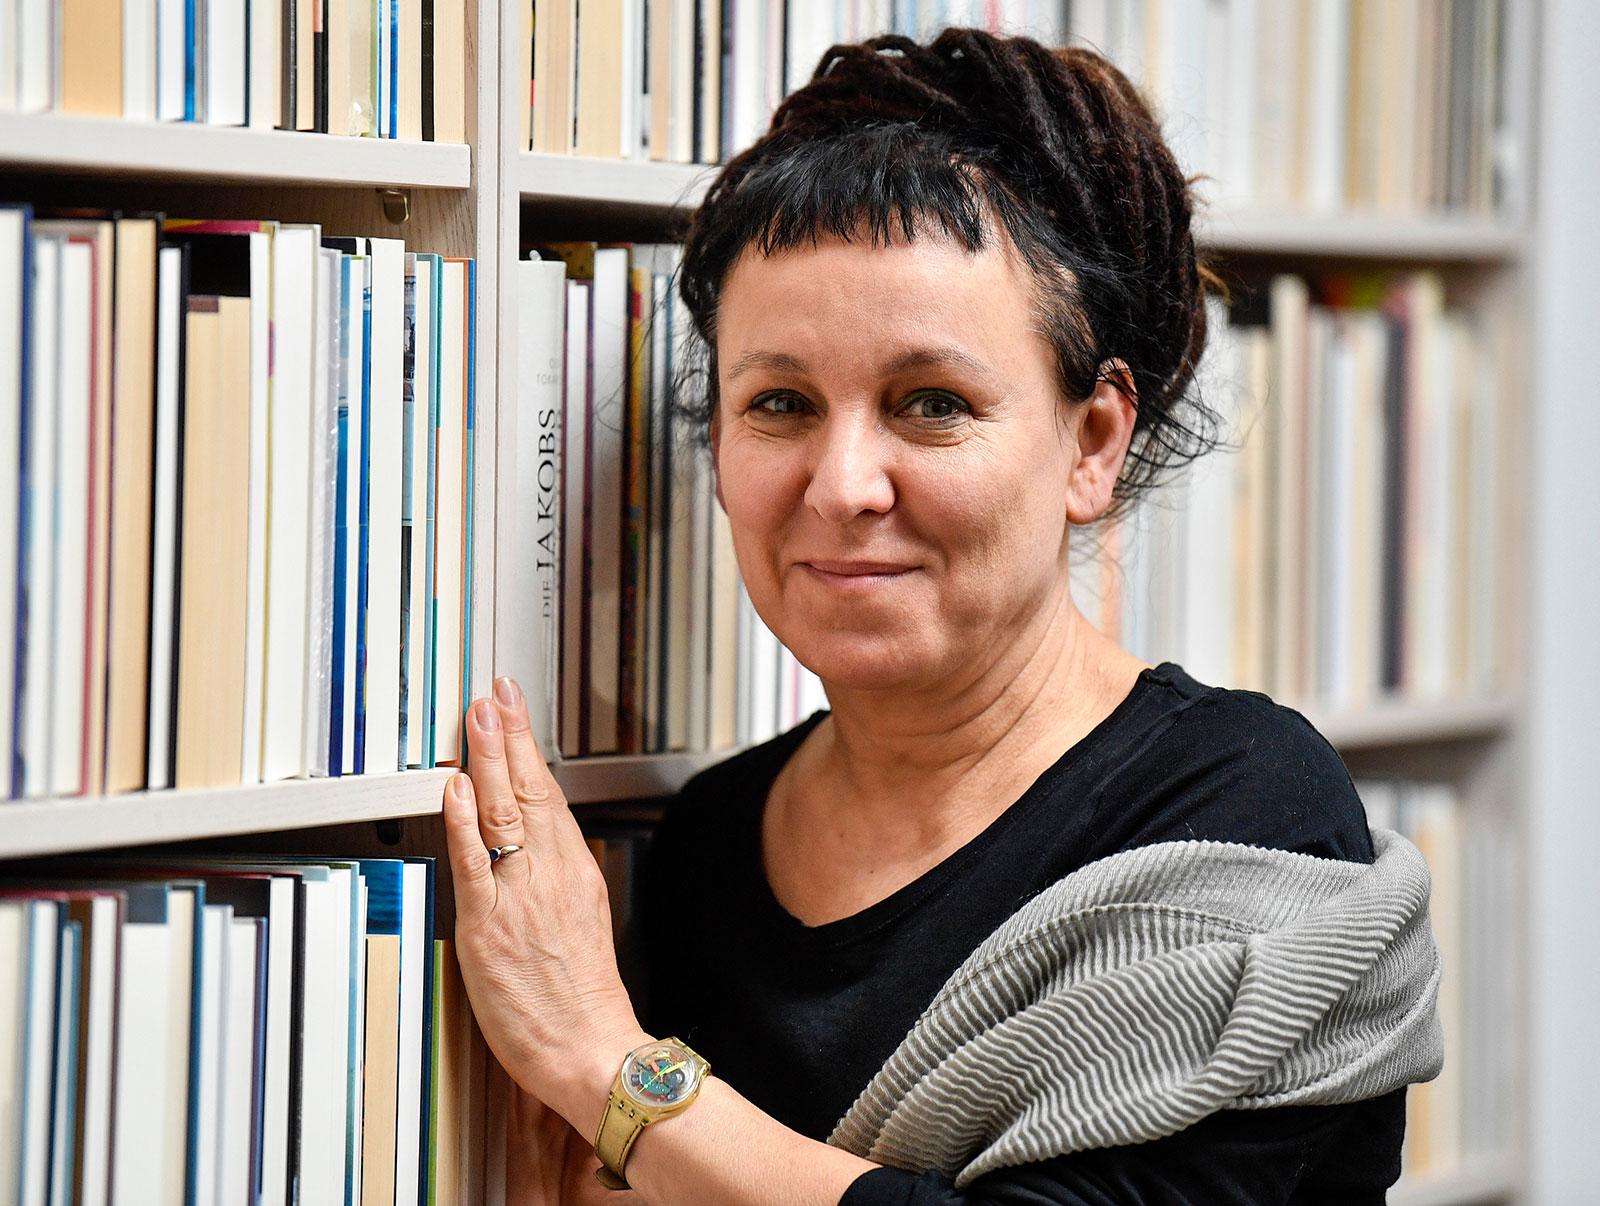 Headshot of Olga Tokarczuk